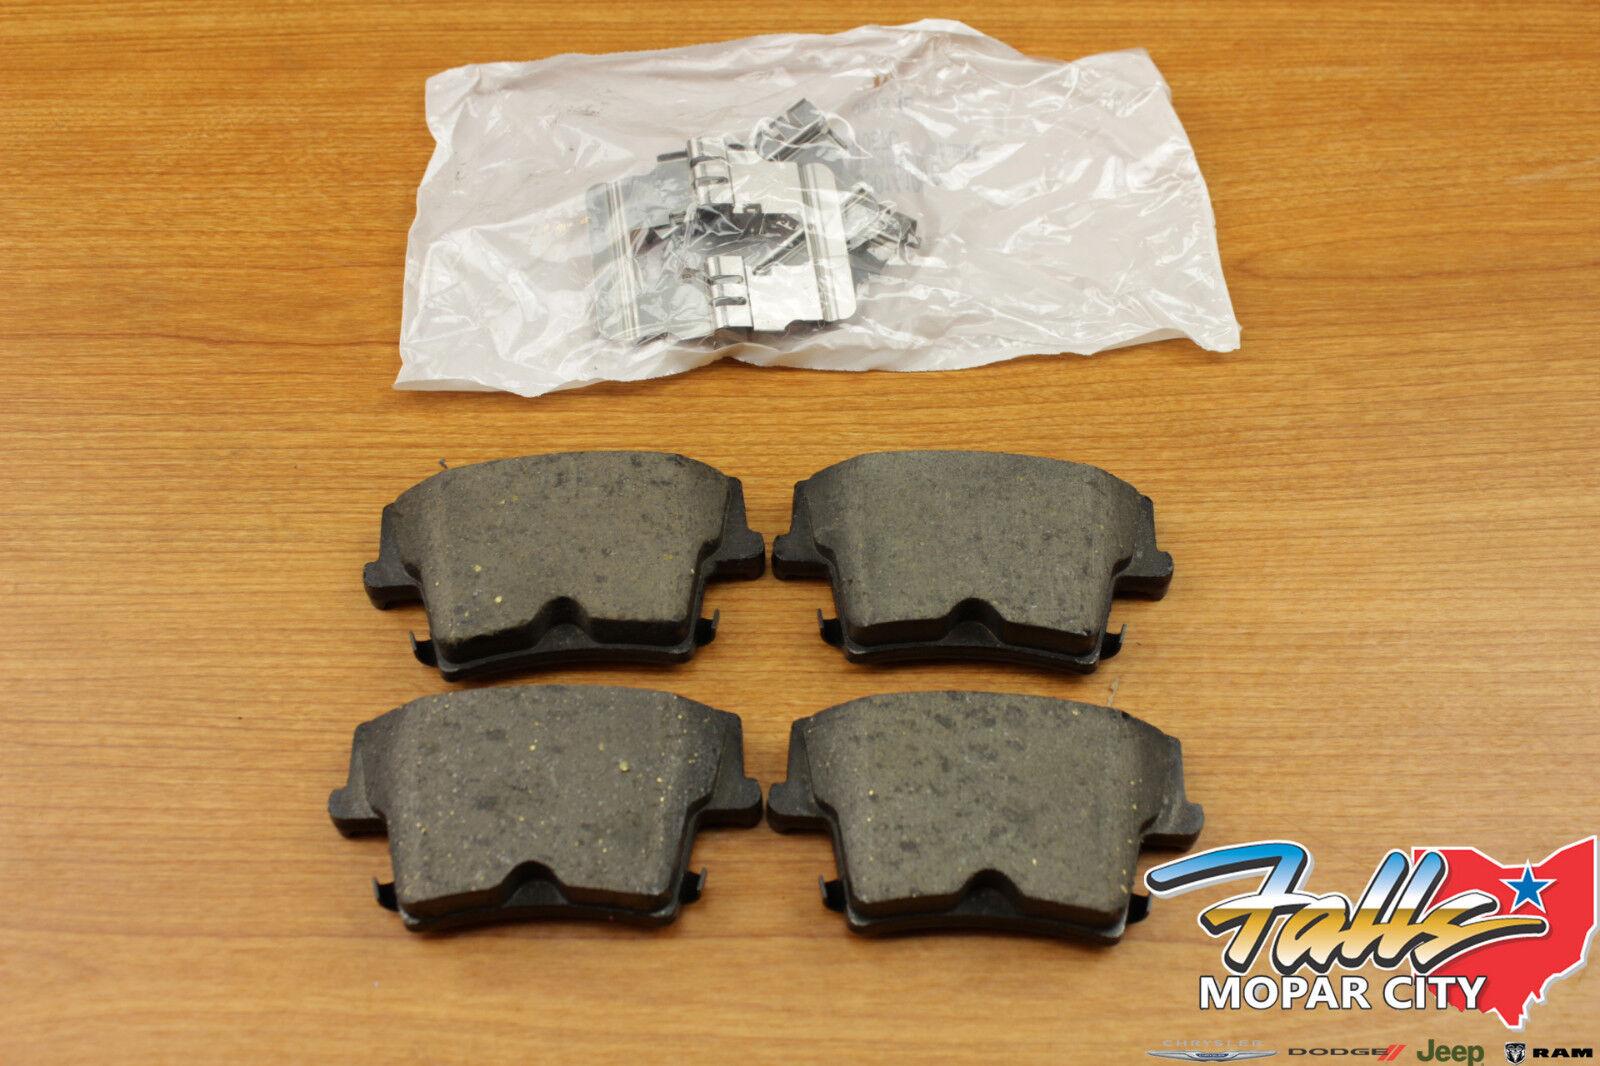 2005-2012 Chrysler 300 Dodge Charger Magnum Rear Brake Pad Kit Mopar OEM